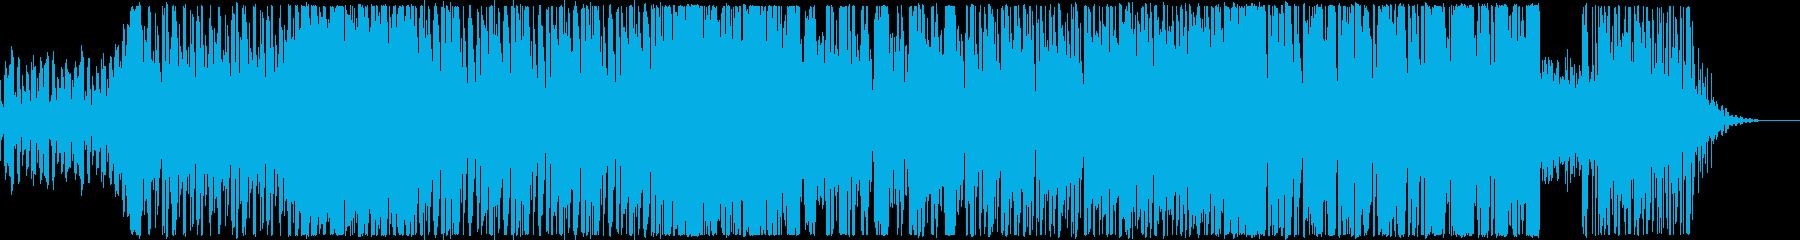 アバンギャルドなEDMの再生済みの波形